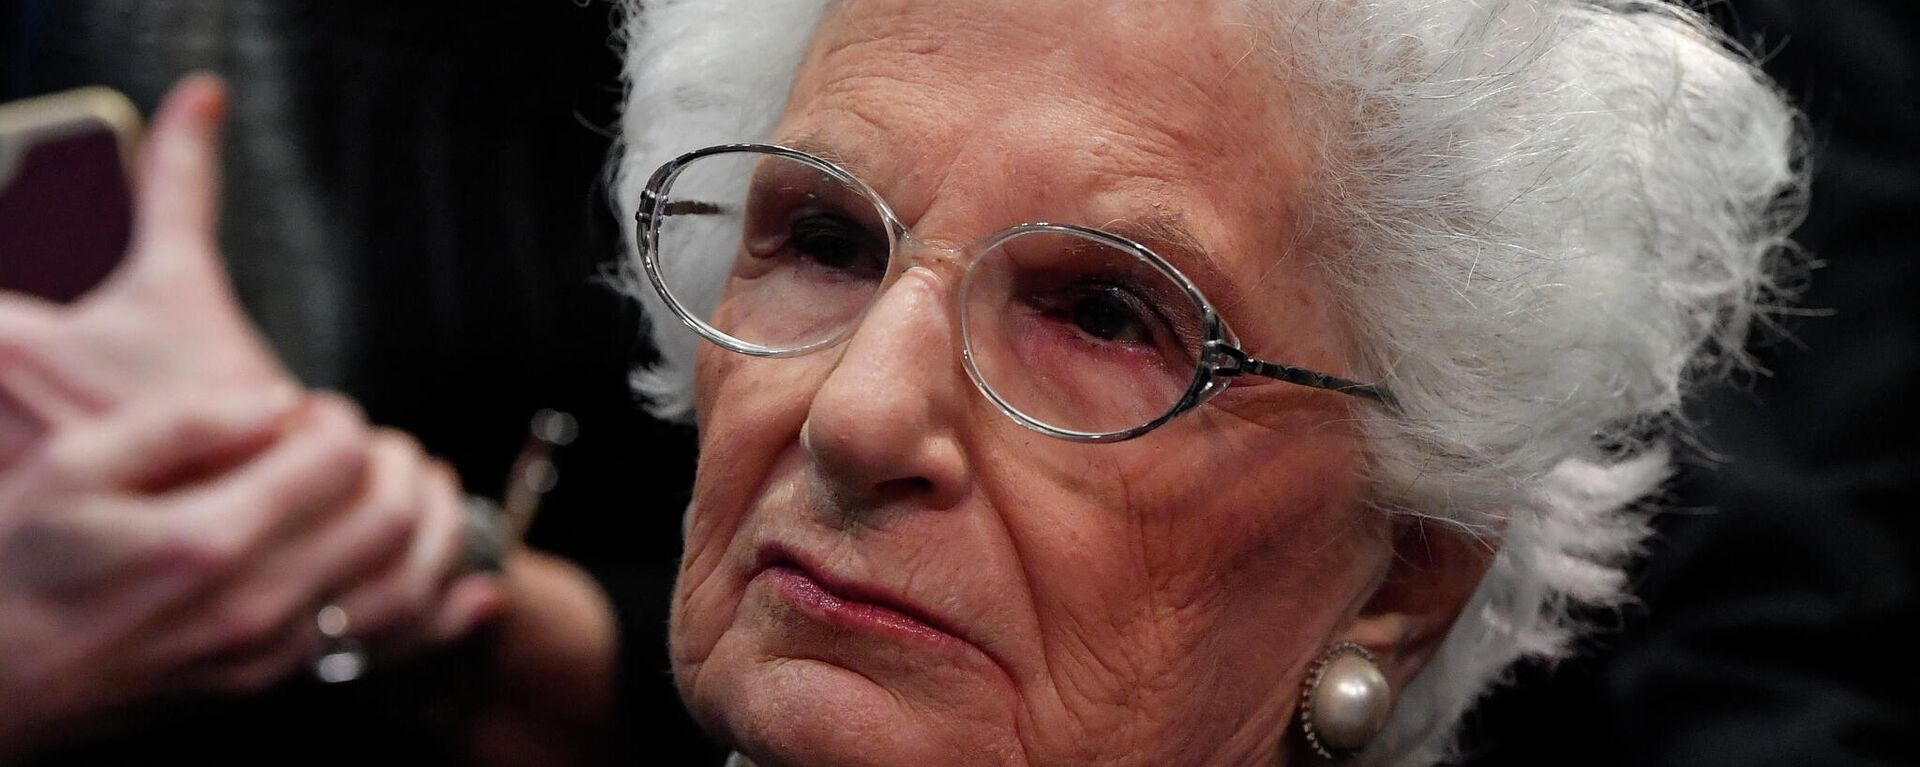 Die italienische Senatorin auf Lebenszeit und Auschwitz-Überlebende Liliana Segre  - SNA, 1920, 20.02.2021